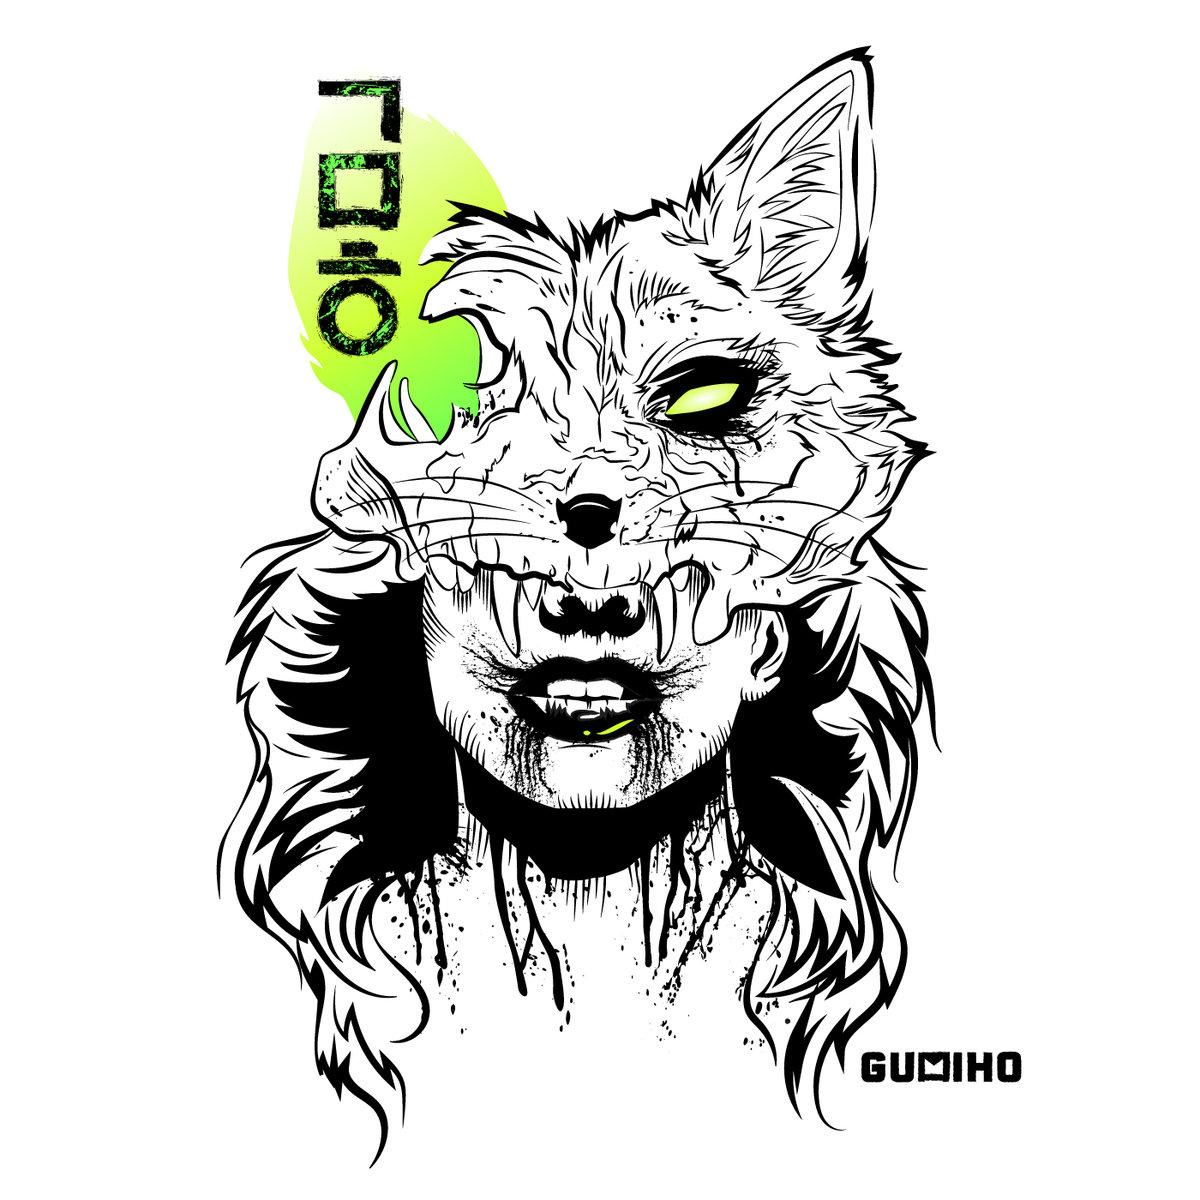 DIY or DIE - Seoul Punk Rockers GUMIHO debut EP